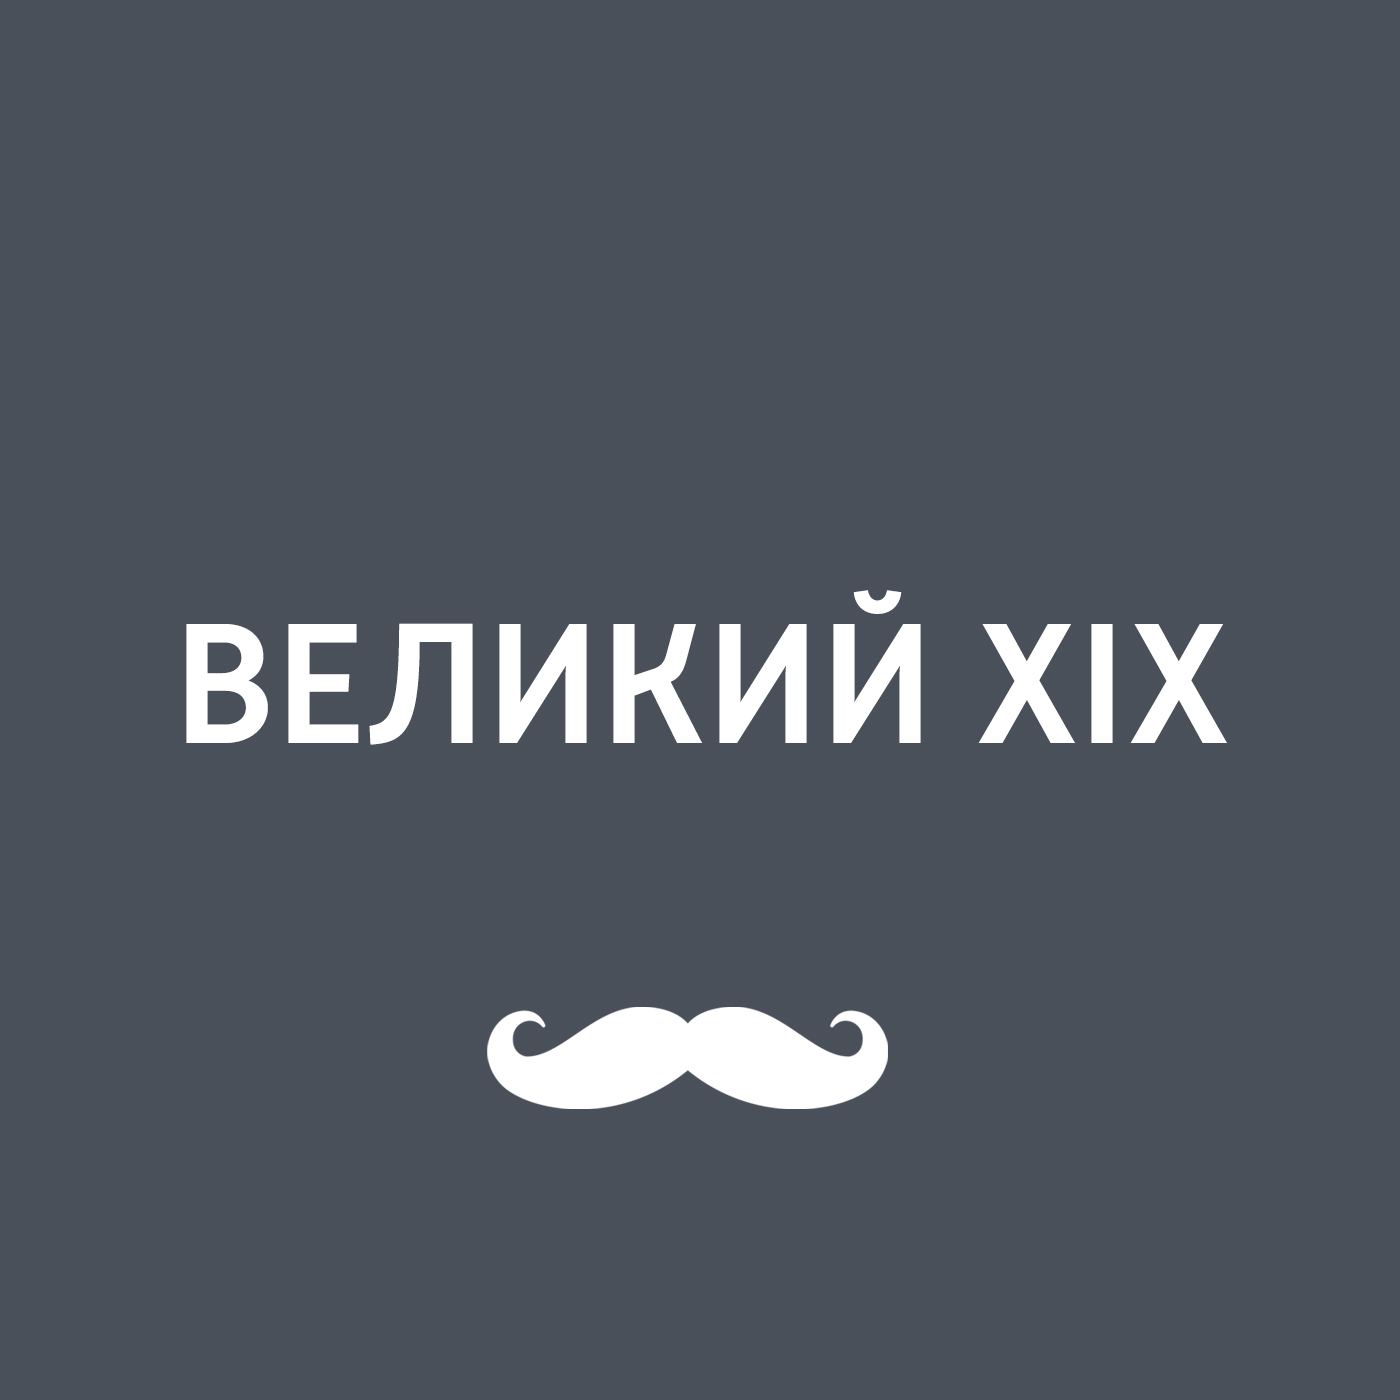 Игорь Ружейников XIX столетие - «золотой век русской дипломатии игорь ружейников медицина в xix веке